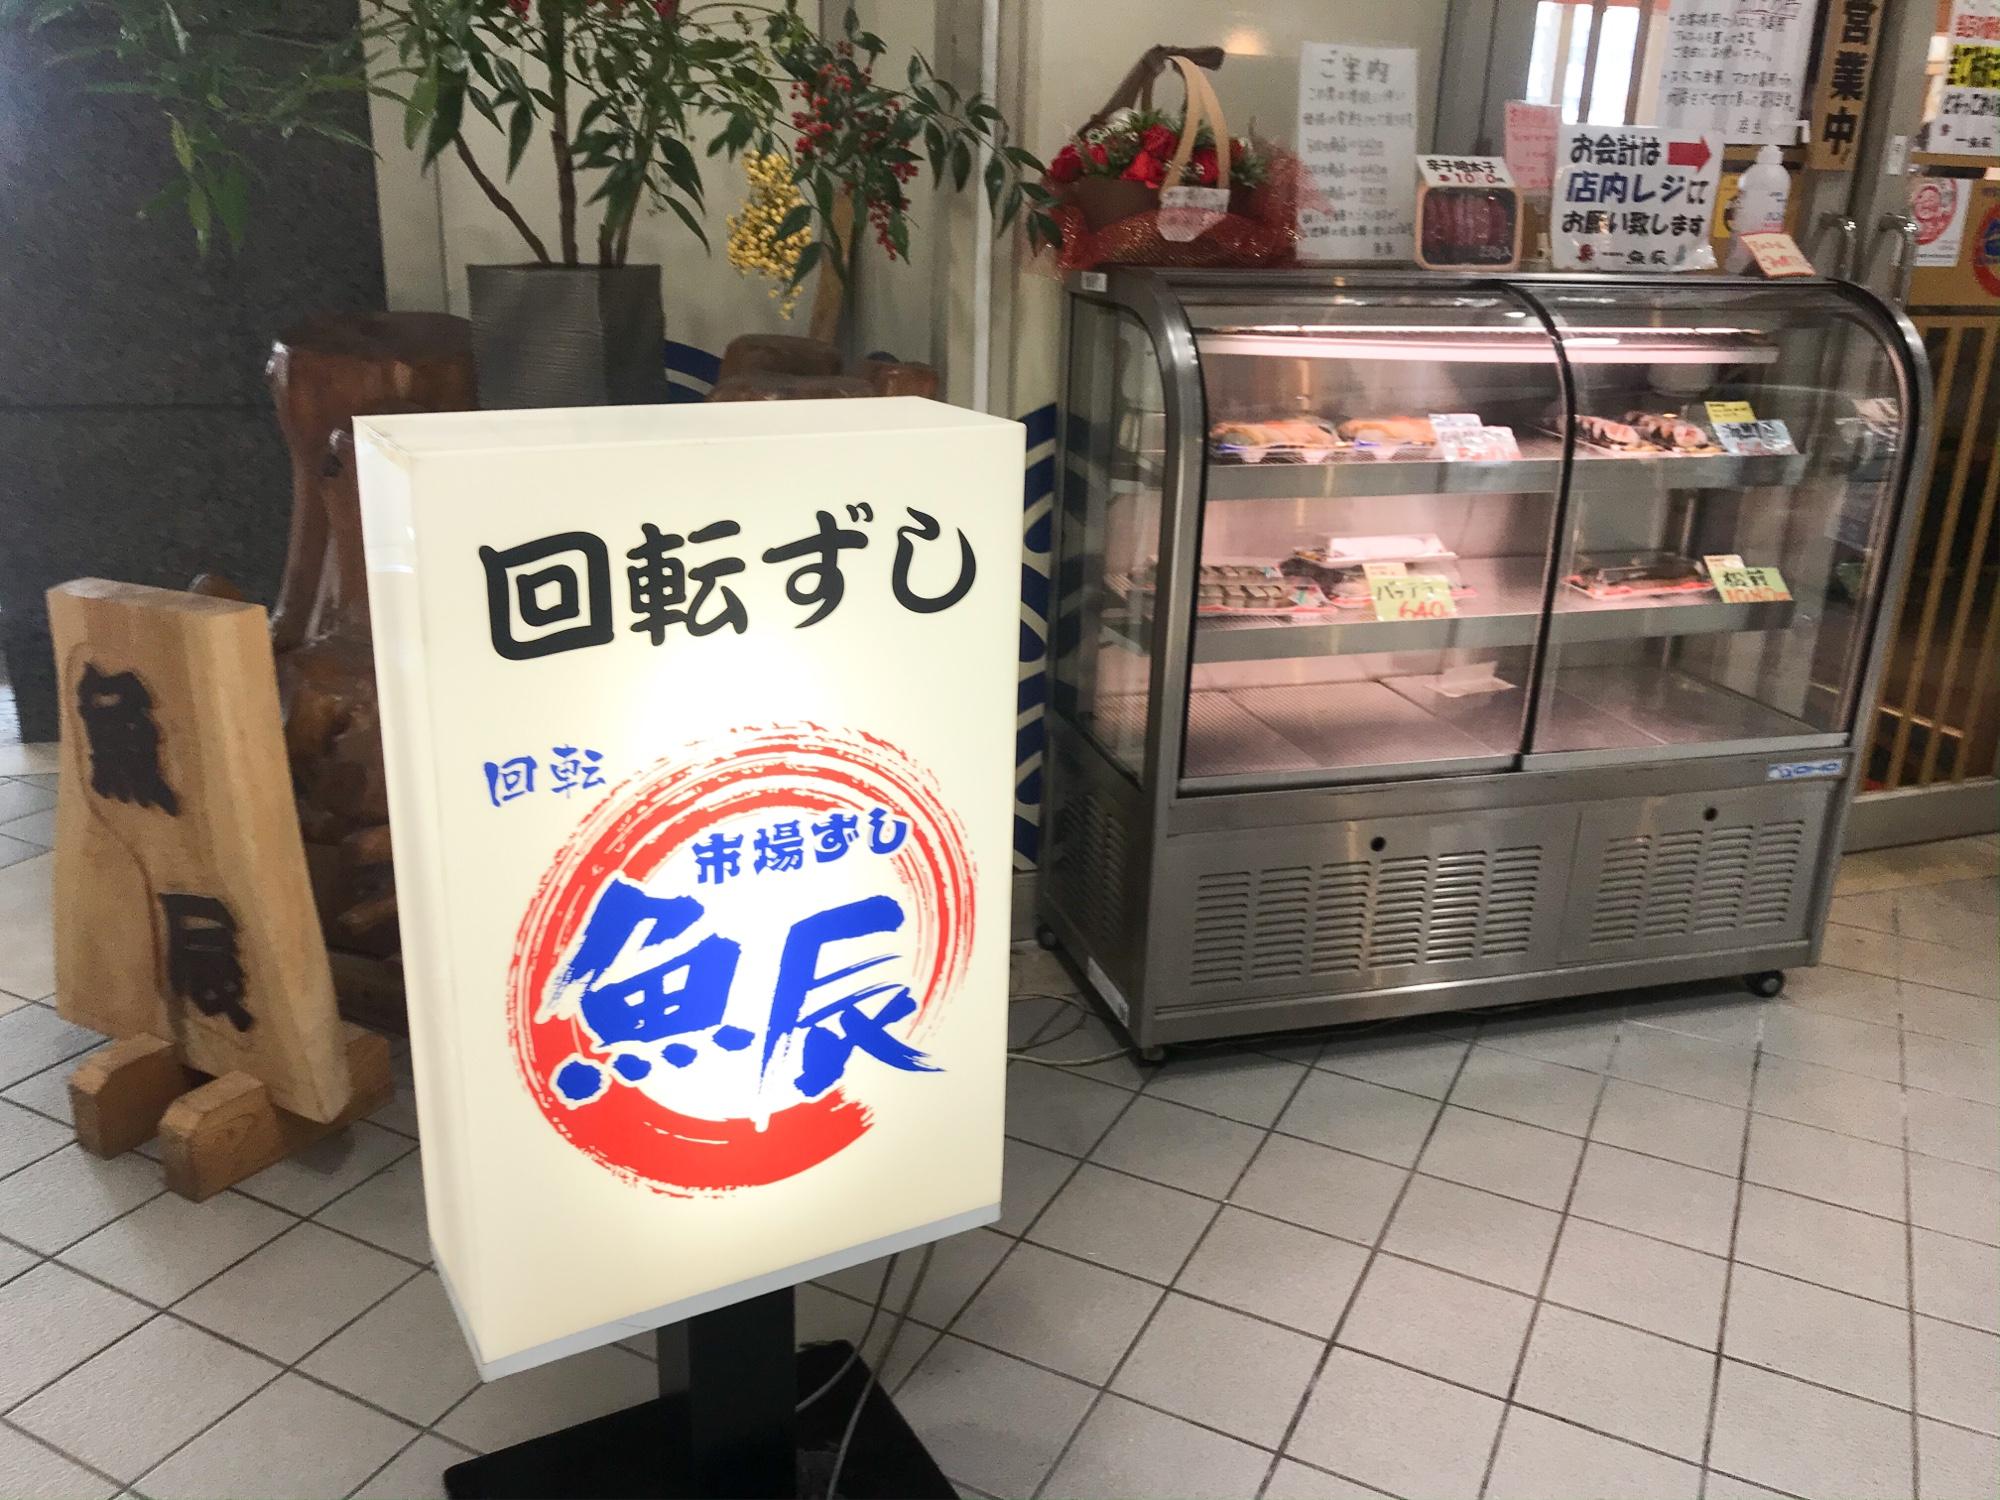 福岡 魚市場 回転寿司 魚辰